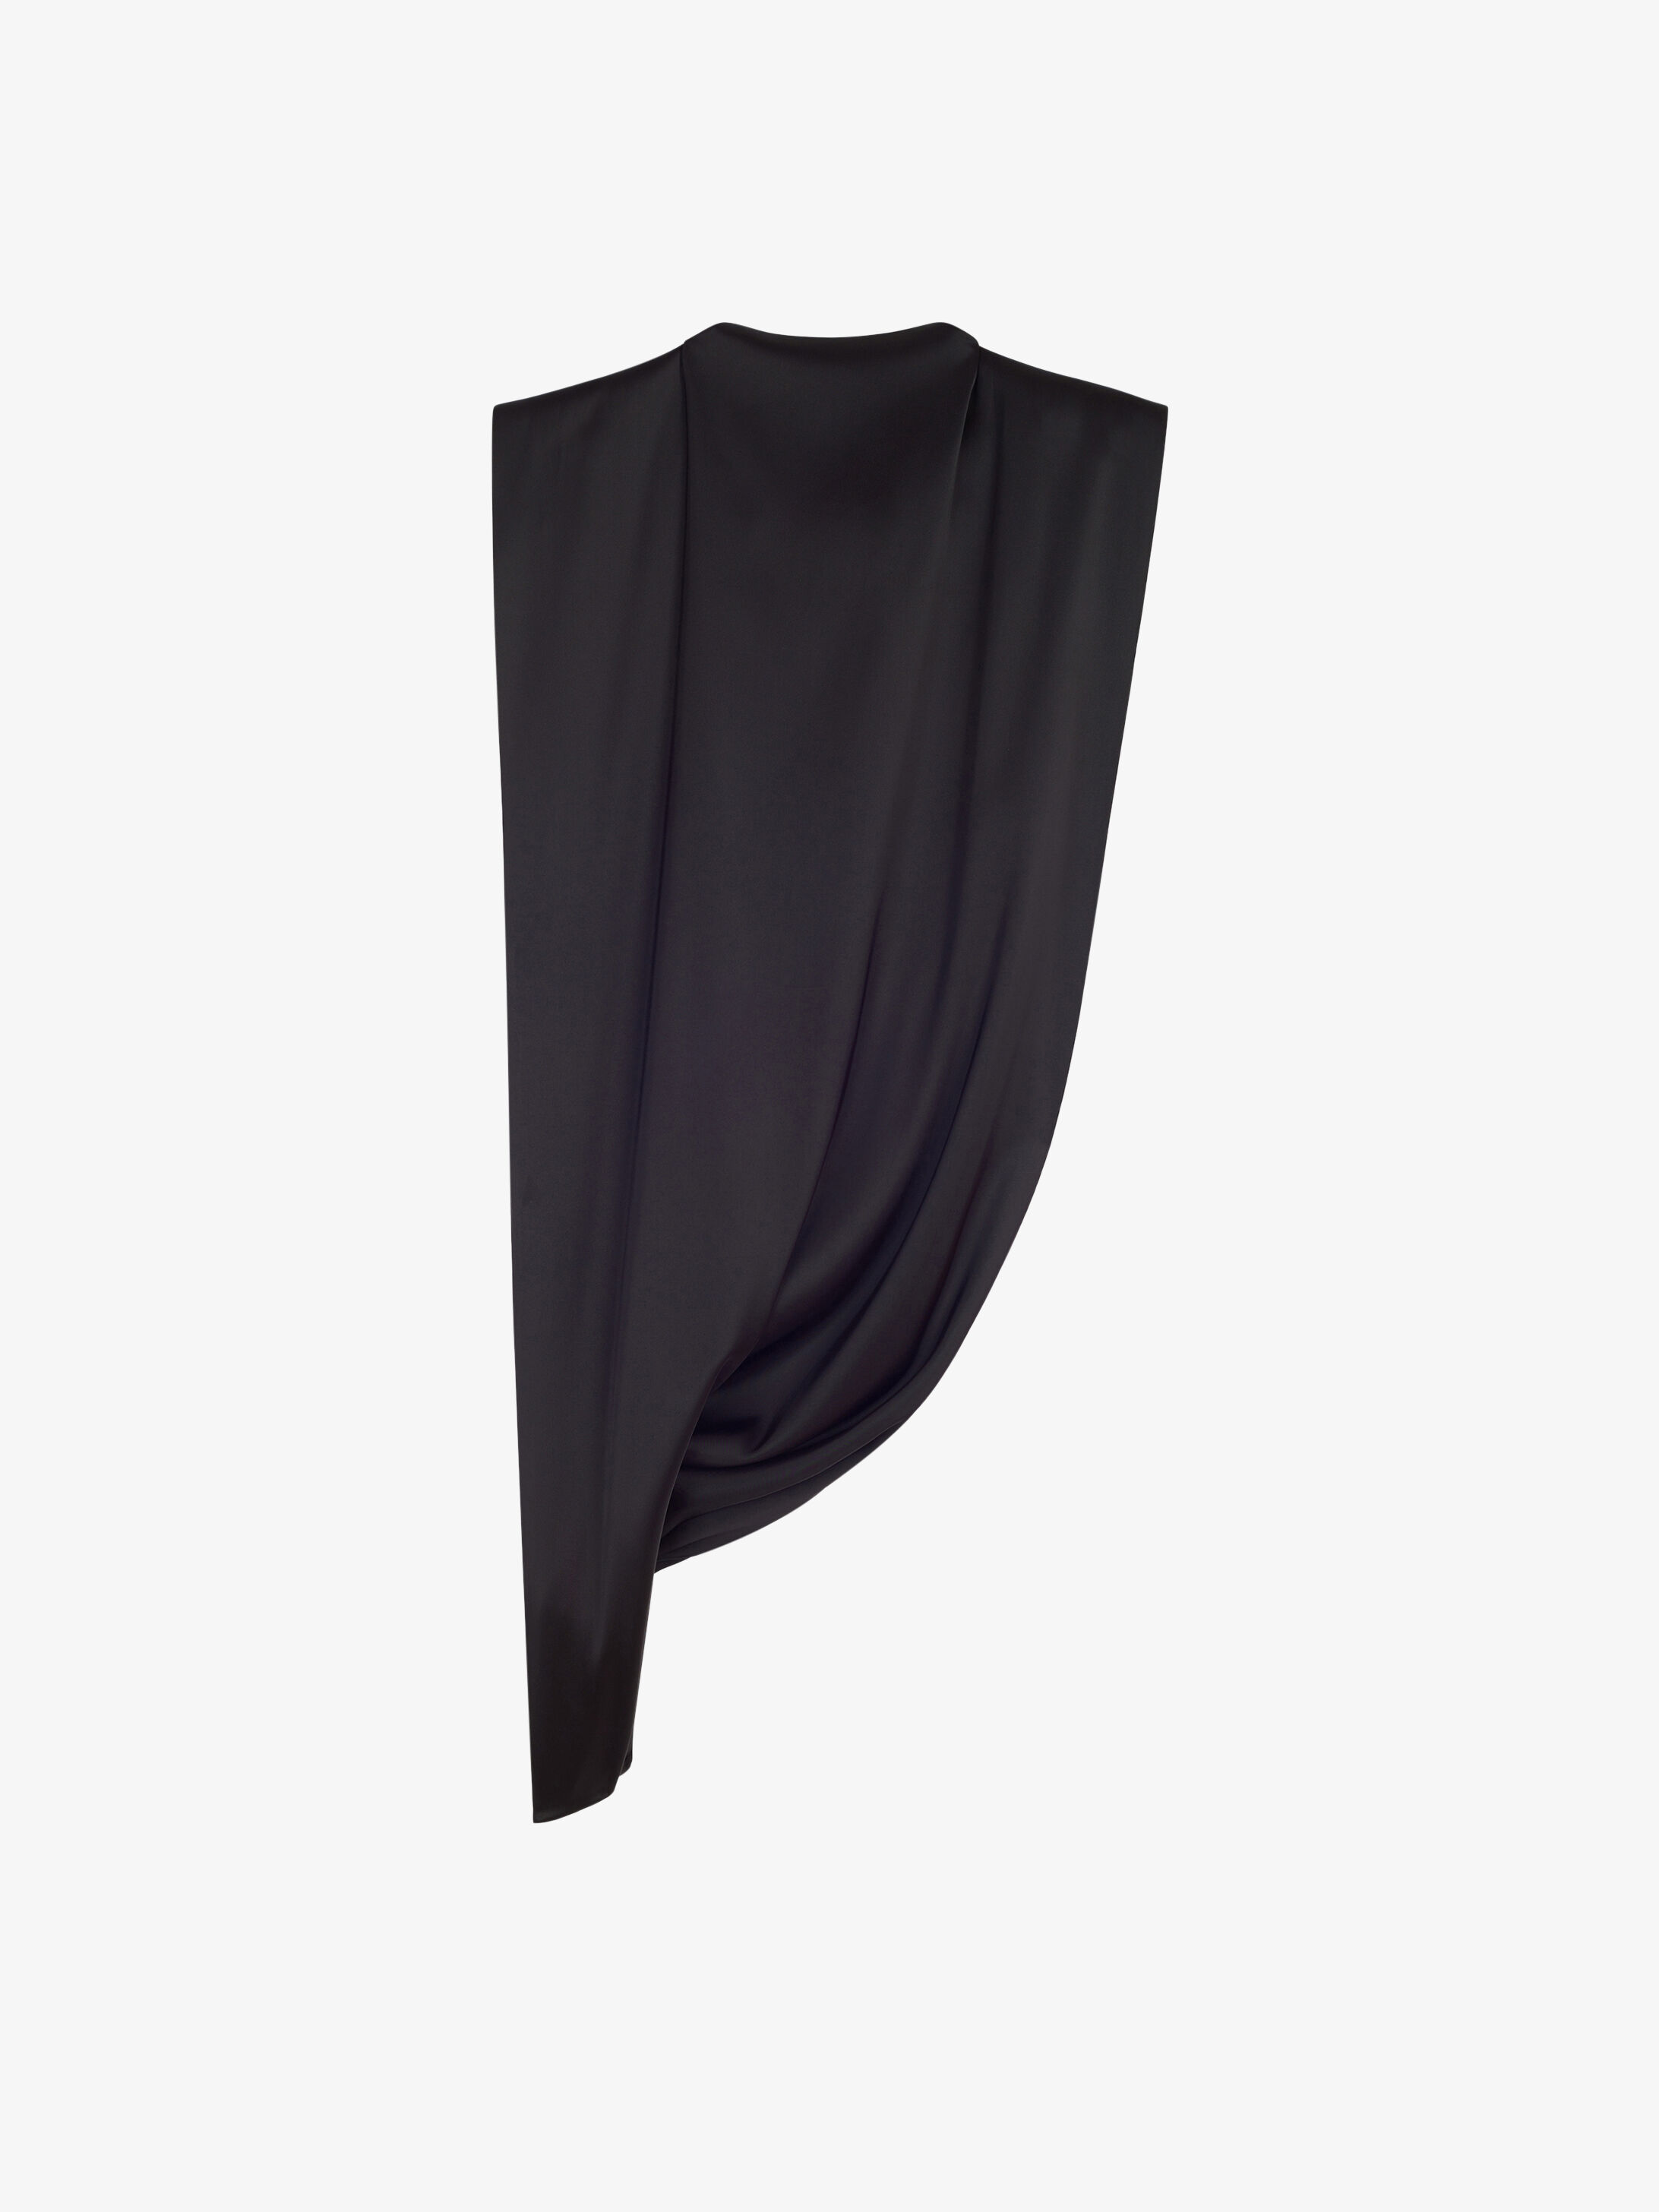 Binder de Luxe Designer Krawatte Einstecktuch Krawatten Set Tie 229 orange